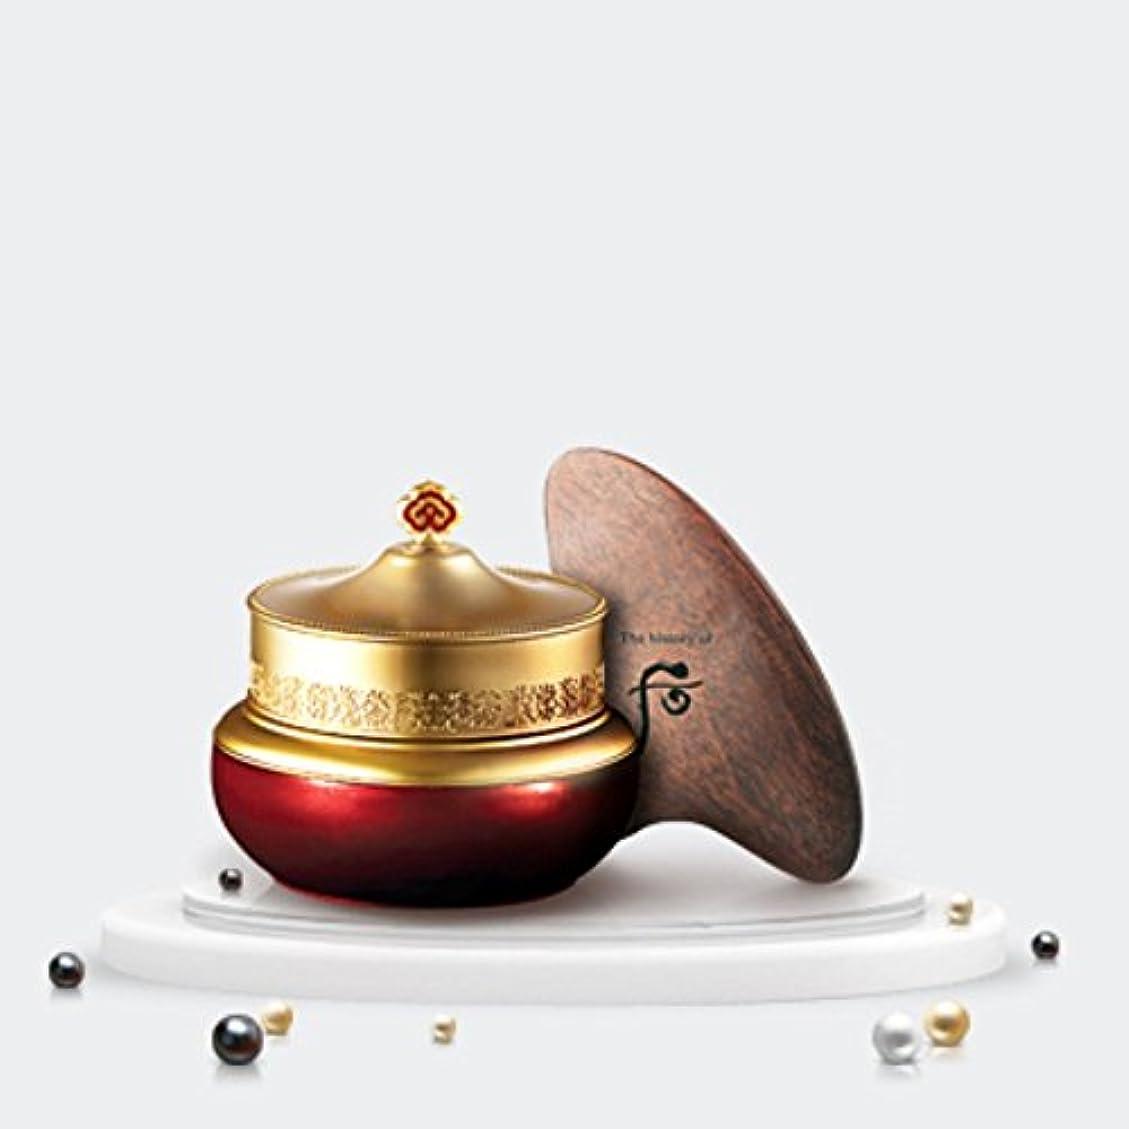 寝具フルーツ野菜カブThe History of Whoo Jinyulhyang Essential Massage Mask 100ml/ザ ヒストリー オブ フー (后) 津率享 エッセンシャル マッサージ マスク 100ml